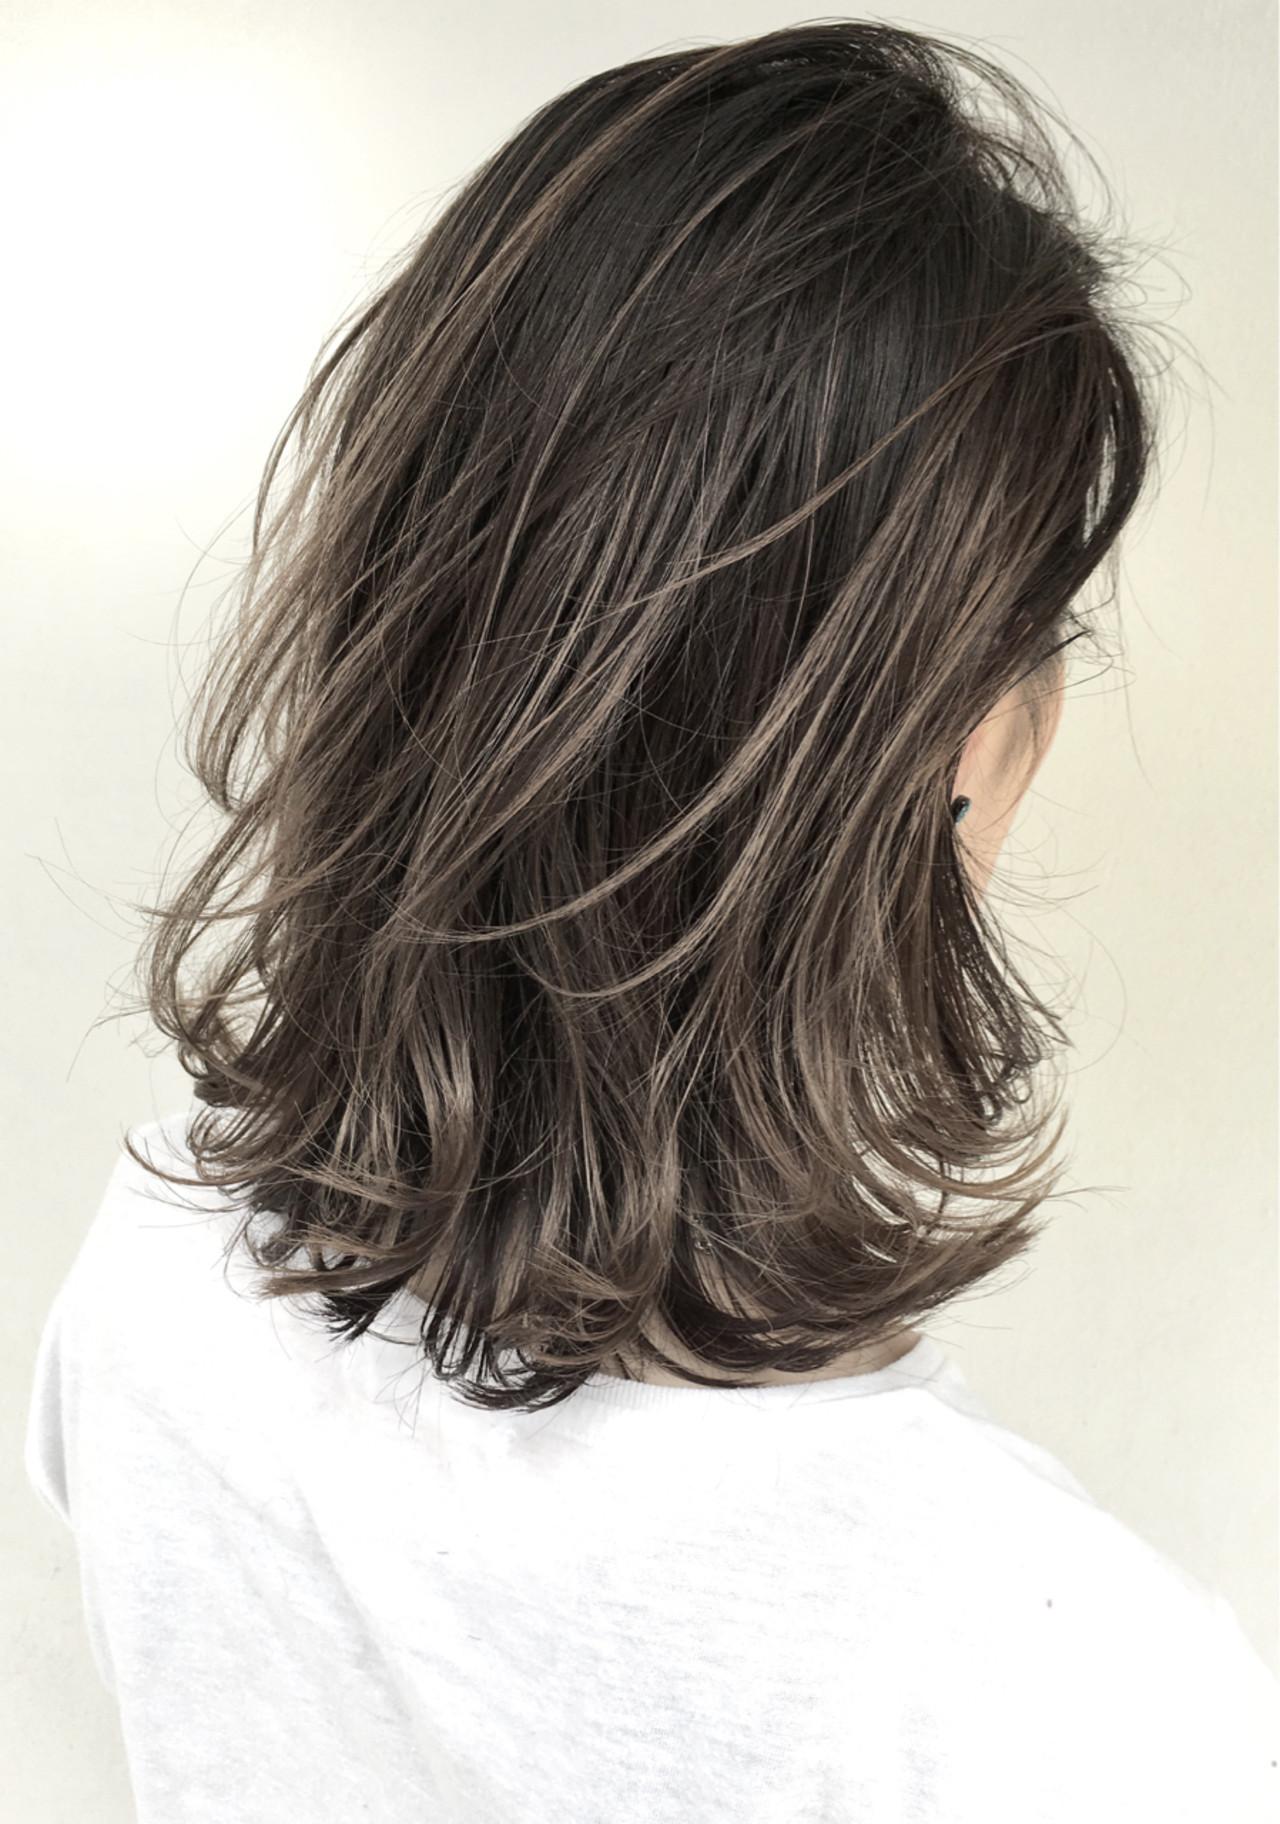 外国人風 ミディアム グレージュ ハイライト ヘアスタイルや髪型の写真・画像